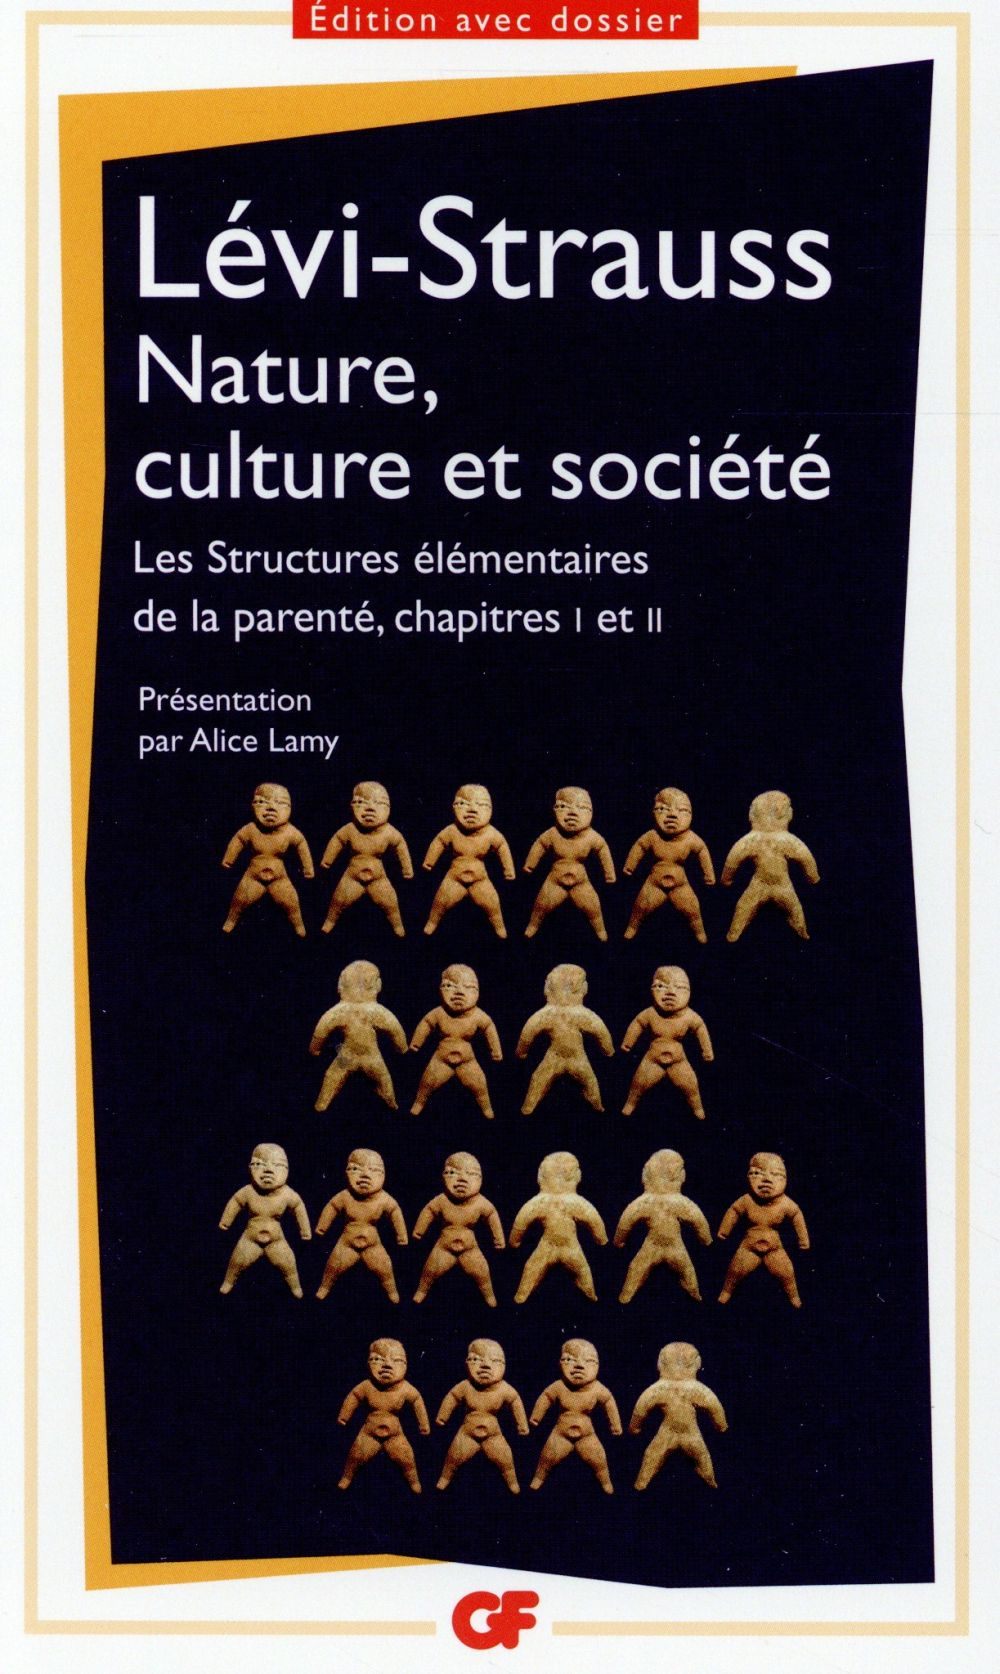 PHILOSOPHIE - T1381 - NATURE, CULTURE ET SOCIETE - LES STRUCTURES ELEMENTAIRES DE LA PARENTE, CHAPIT LEVI-STRAUSS CLAUDE Flammarion